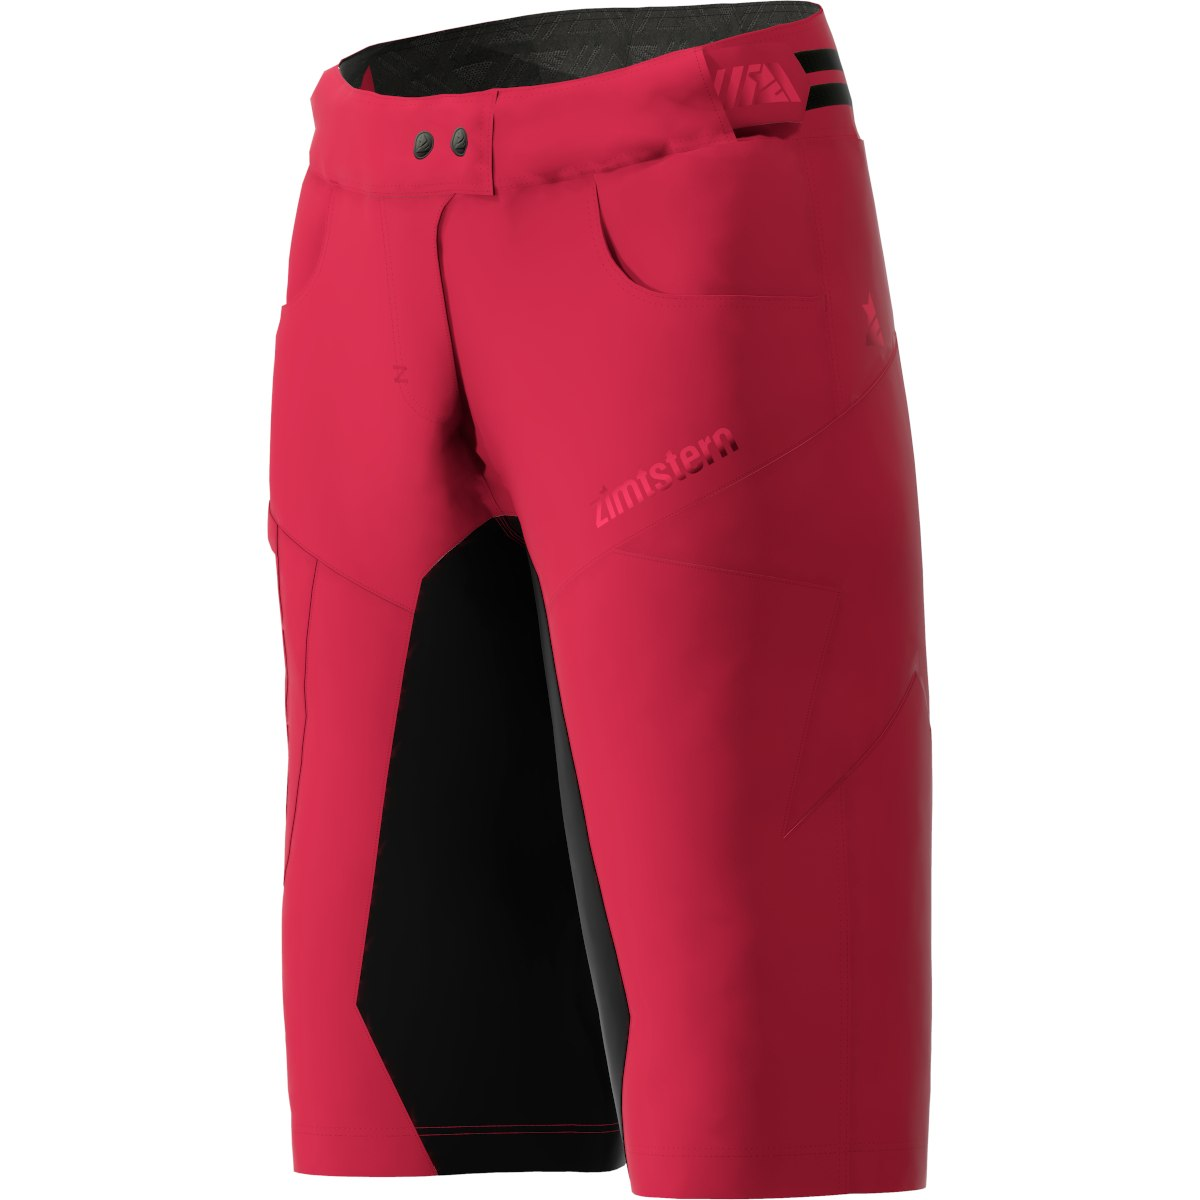 Bild von Zimtstern Taila Evo MTB-Shorts für Damen - jester red/pirate black